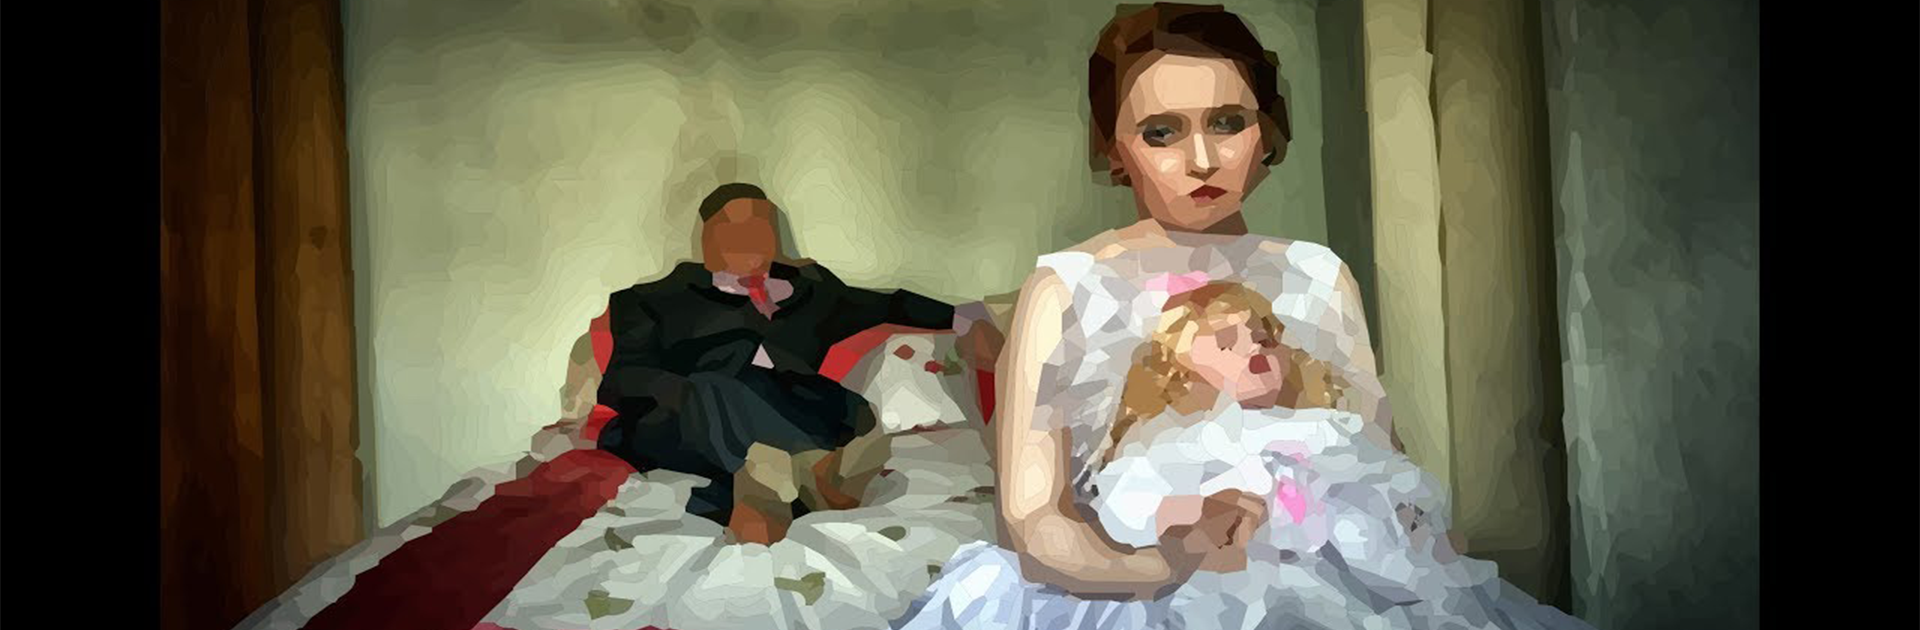 العراق: تعديلات قانون الأحوال الشخصية تنتهك حقوق الطفل والمرأة